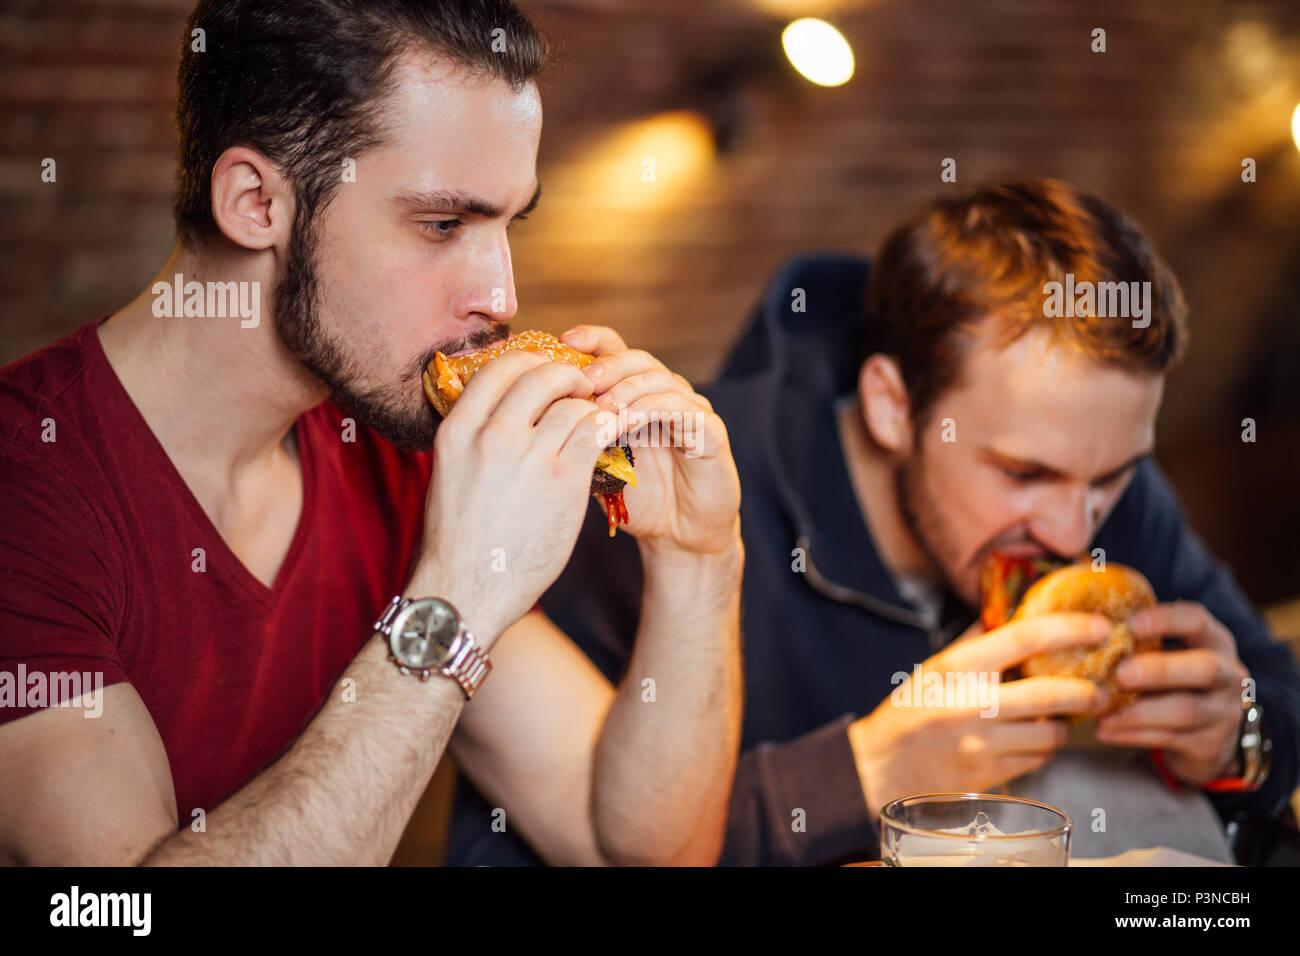 Deux amis heureux de manger des hamburgers savoureux en bar. Photo Stock